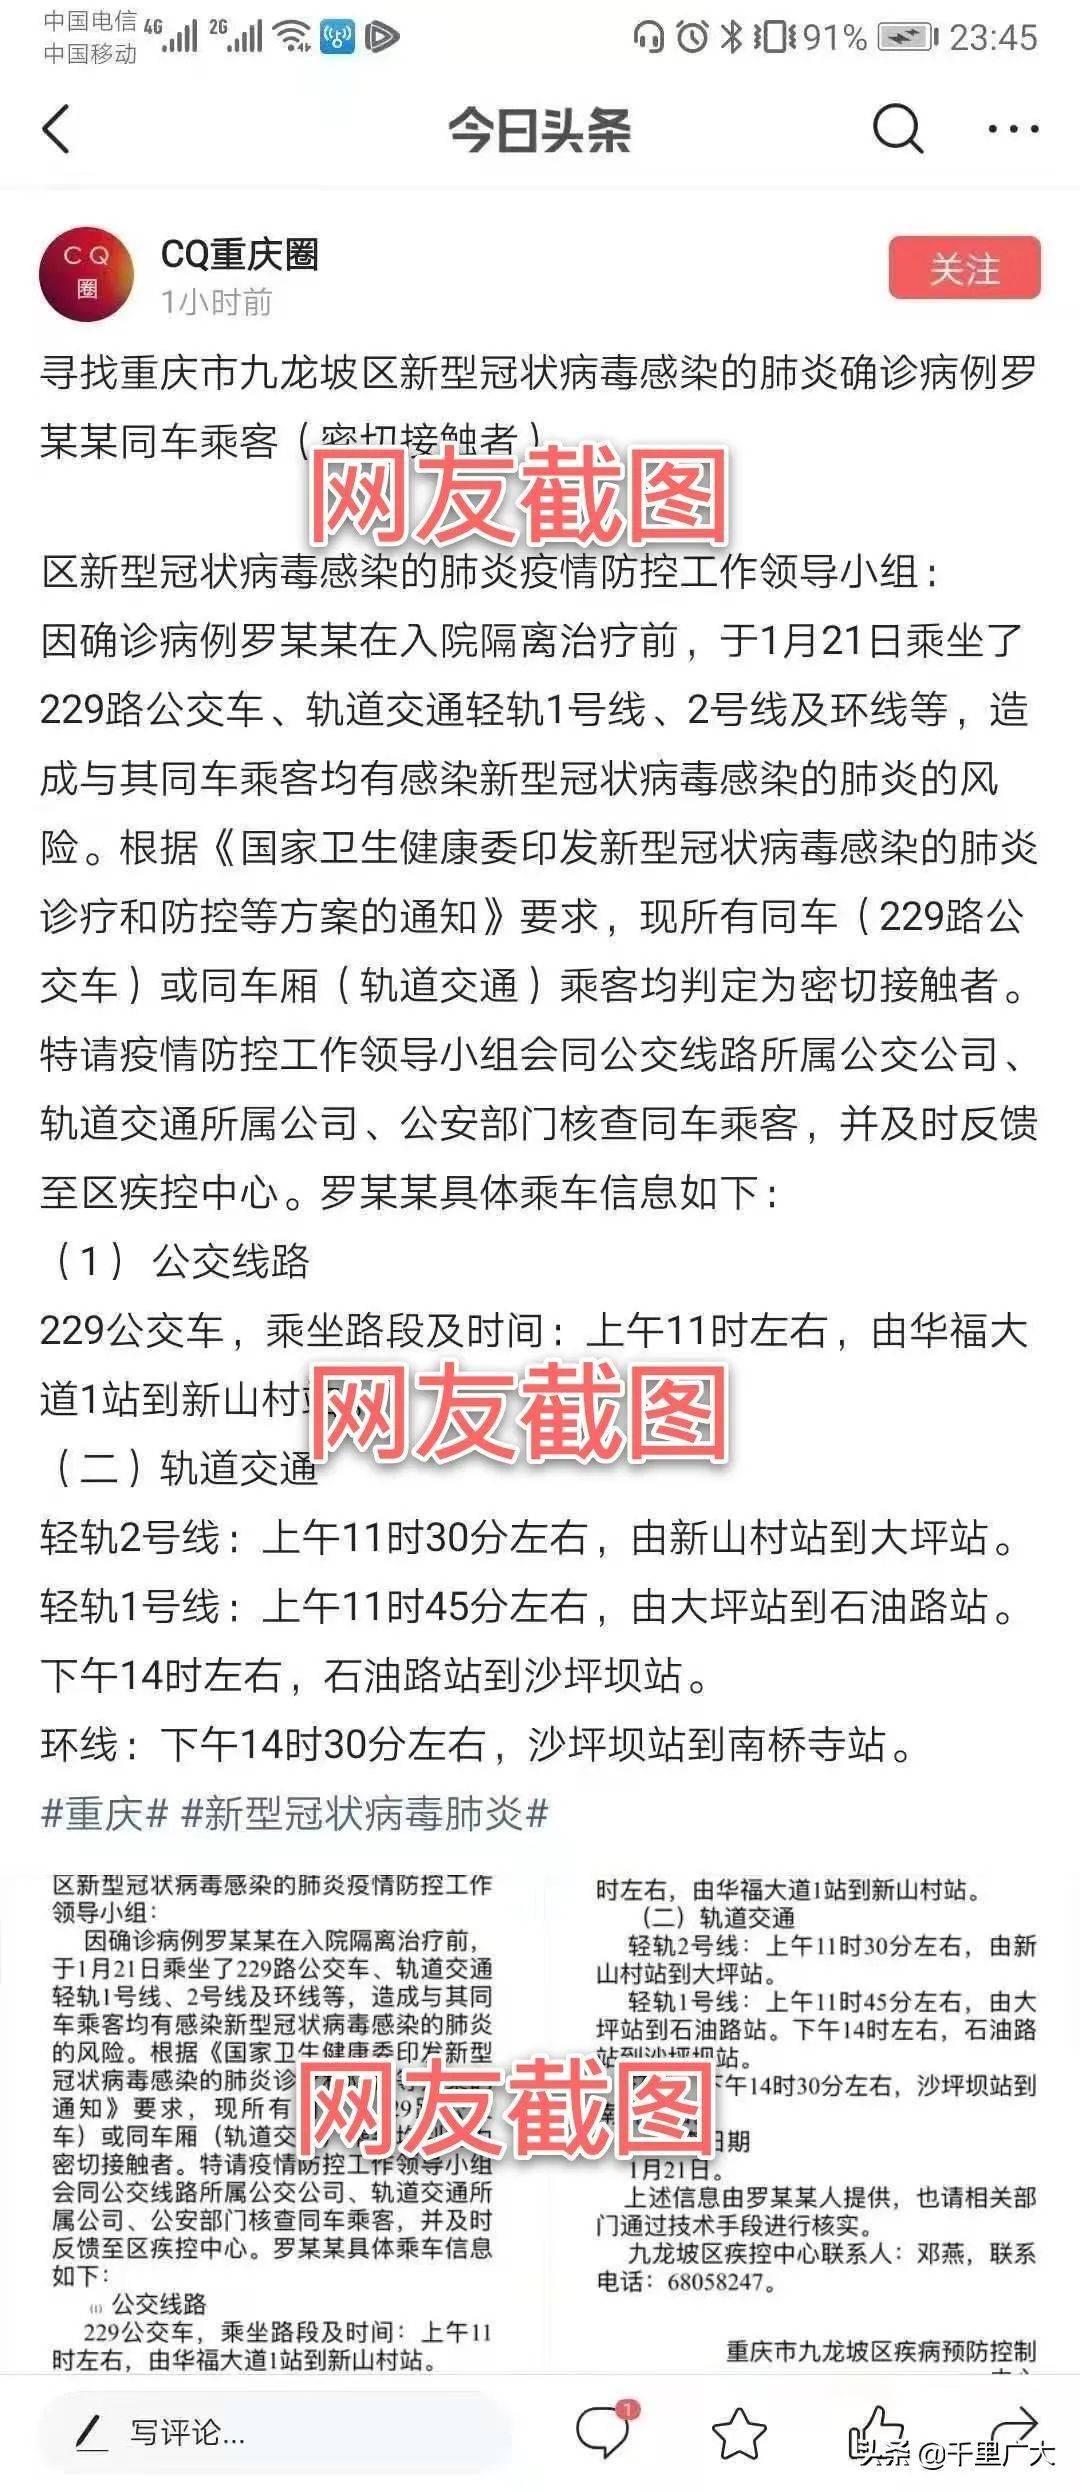 重庆新增3例感染!九龙坡区罗某某新冠病毒确诊?真相在这里